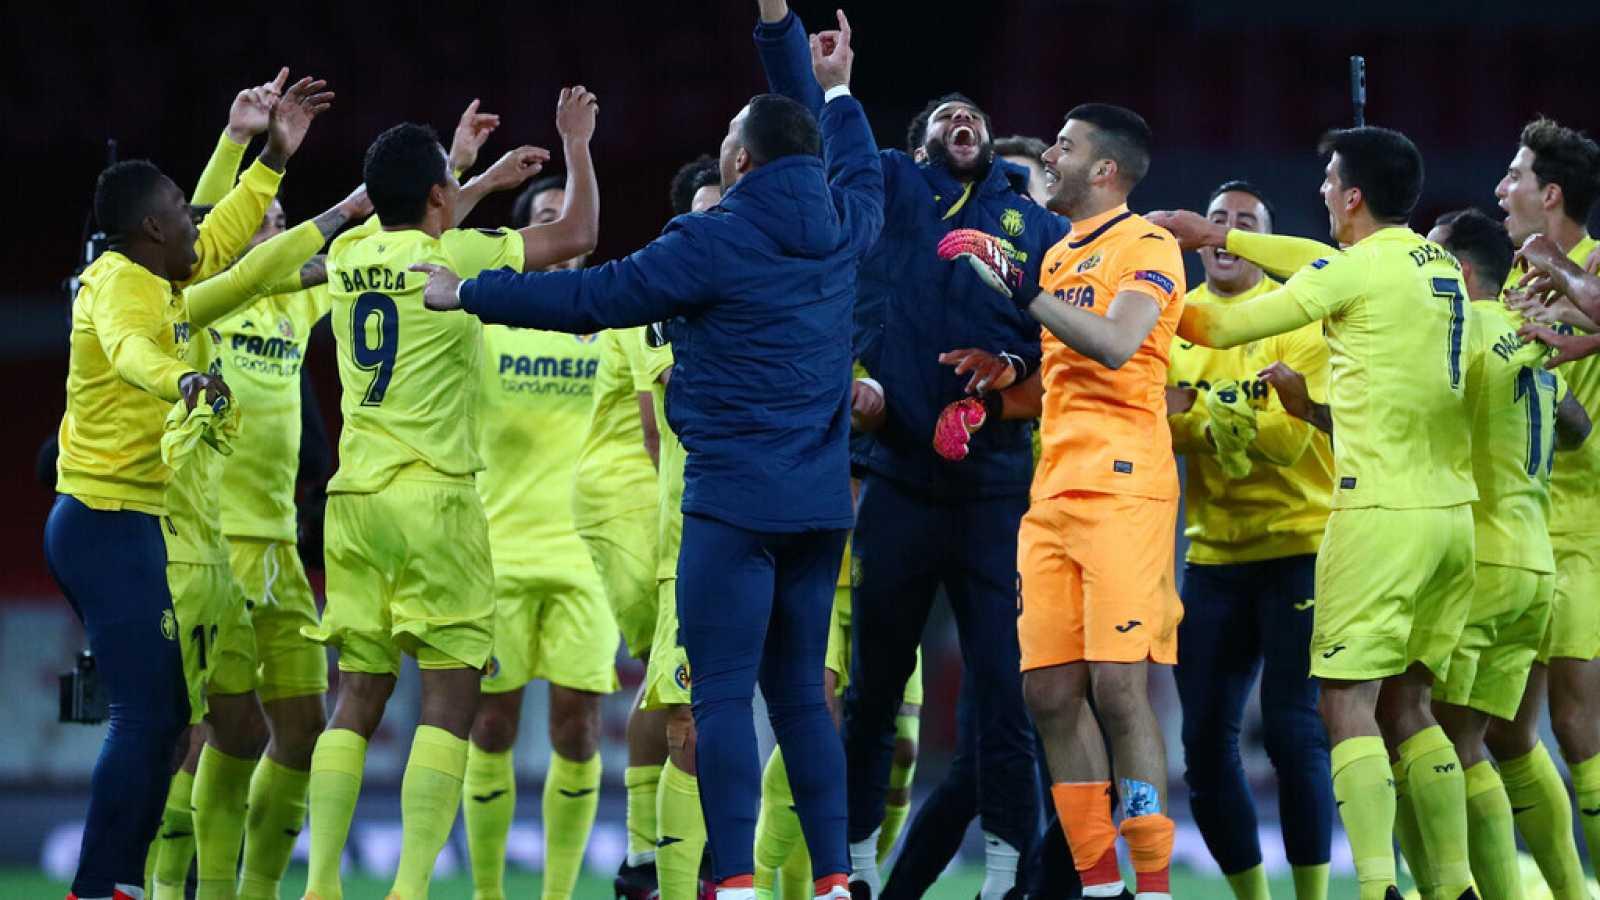 Tablero deportivo - El Villarreal llega a su primera final europea - Escuchar ahora